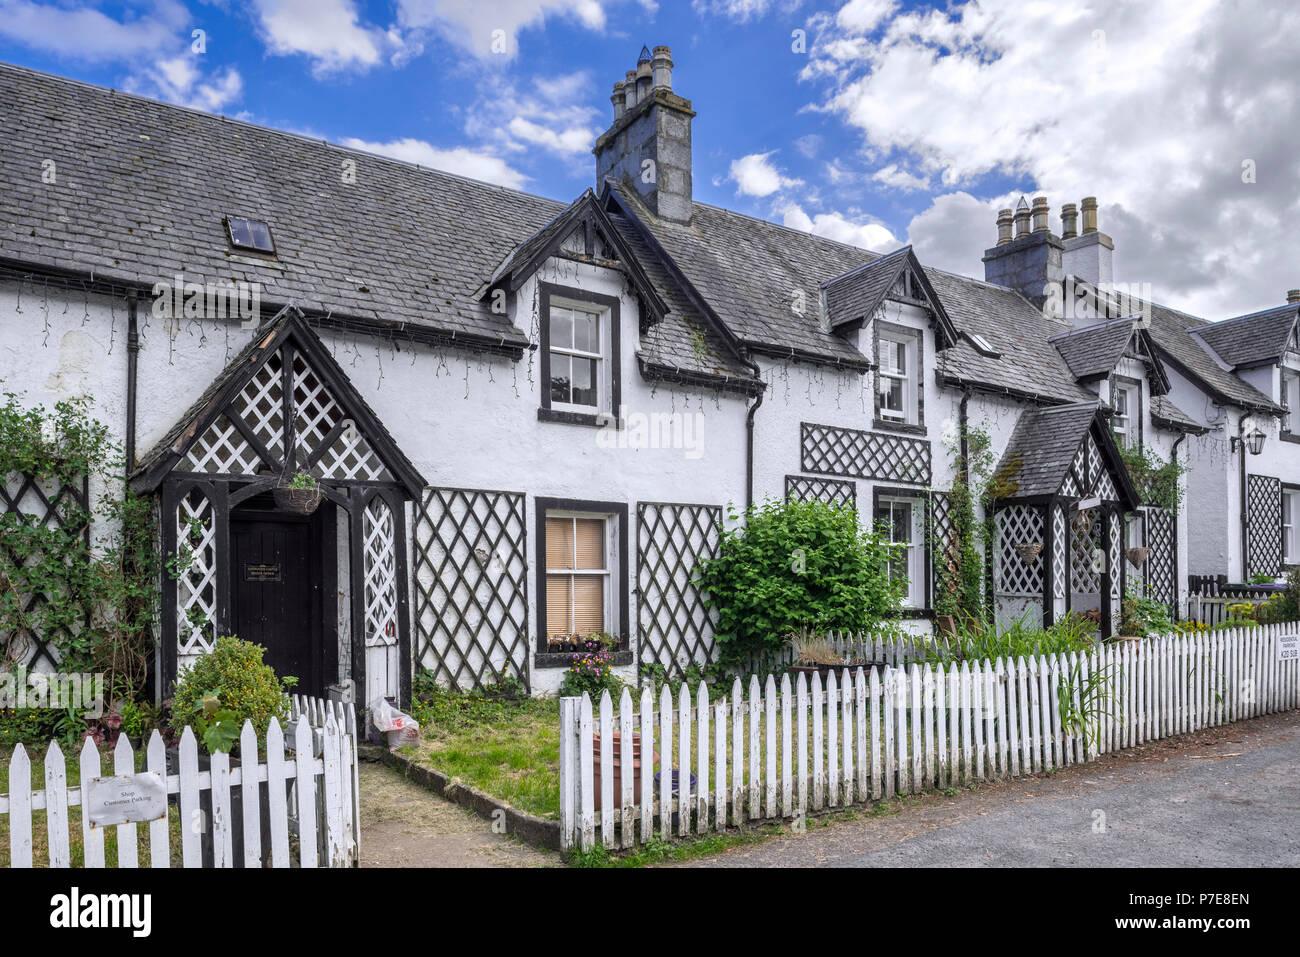 Reihe weißer Häuser im Dorf Kenmore, Perth und Kinross, Perthshire in den Highlands von Schottland, Großbritannien Stockbild